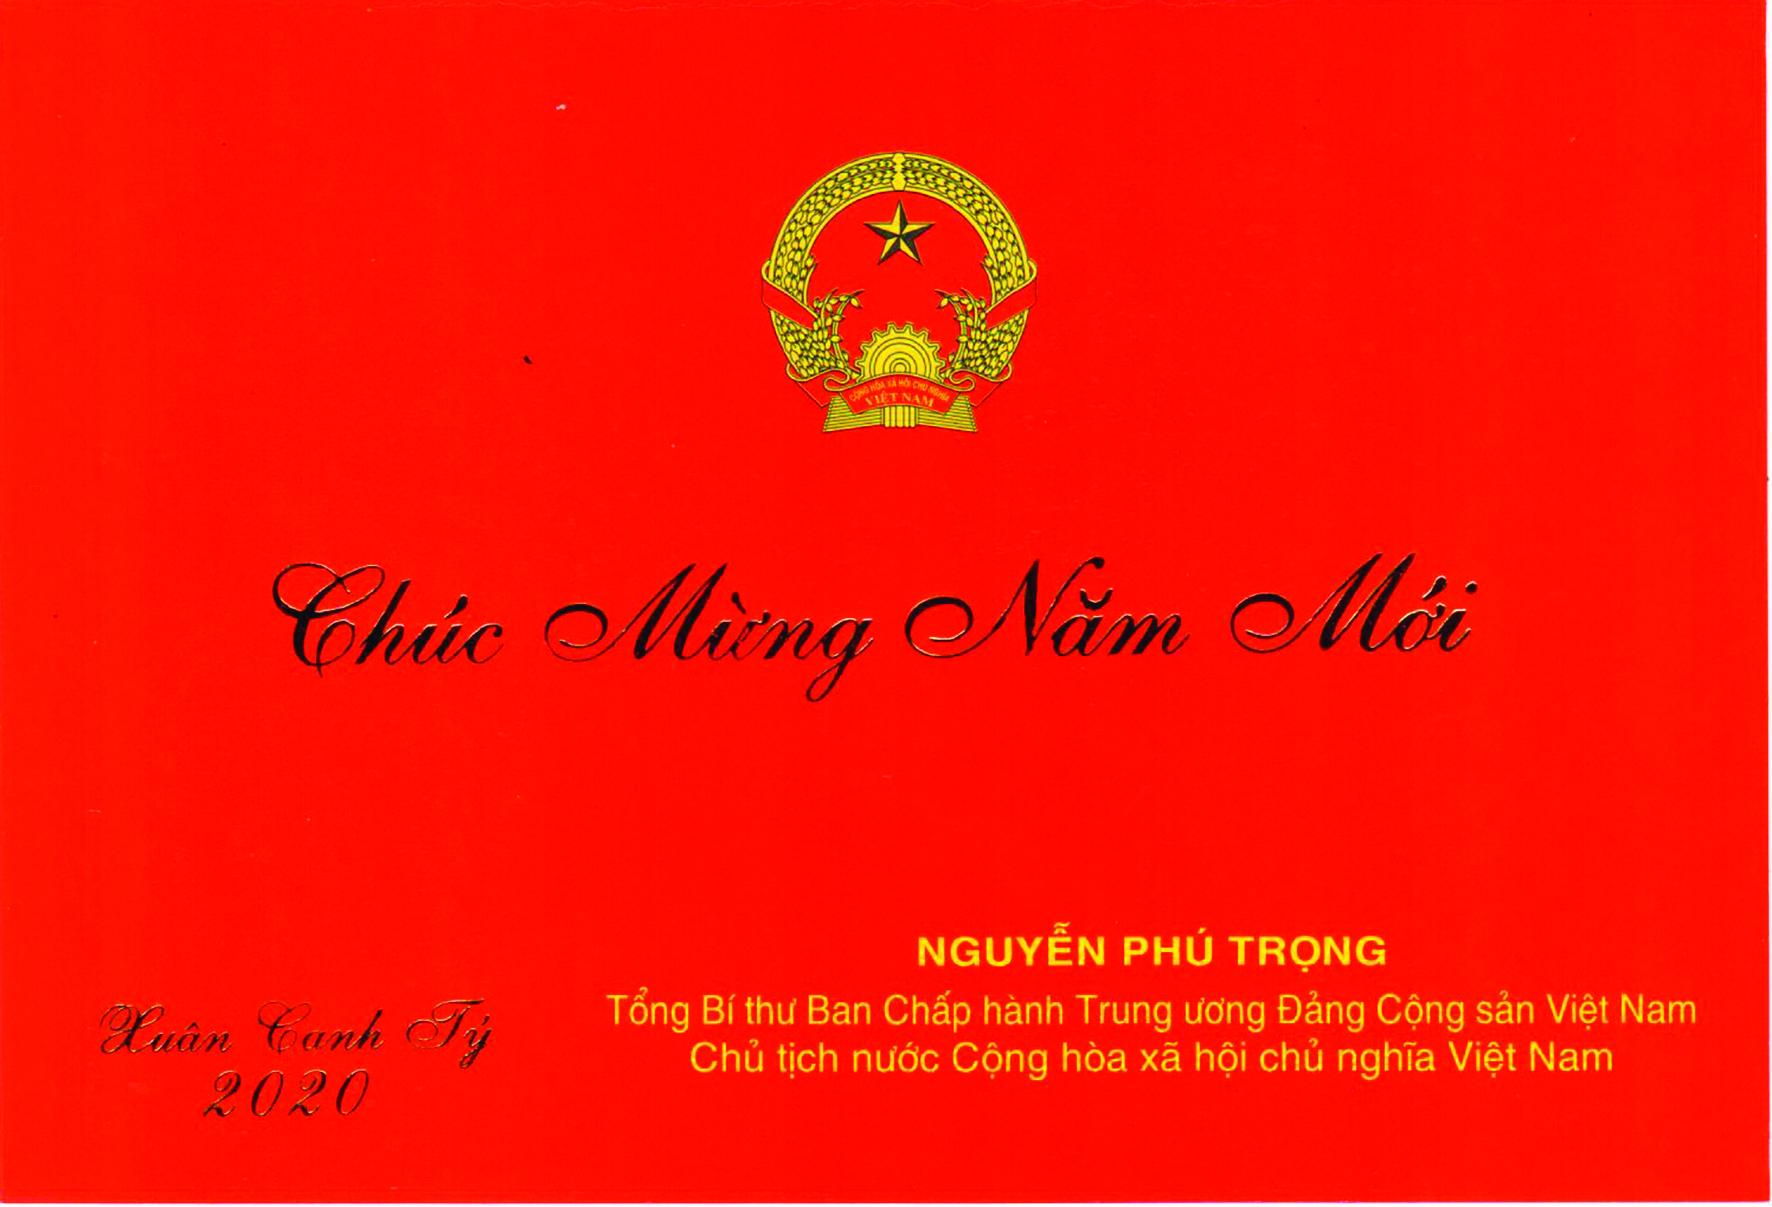 Thiếp chúc mừng năm mới 2020 của Tổng Bí thư, Chủ tịch nước Nguyễn Phú Trọng